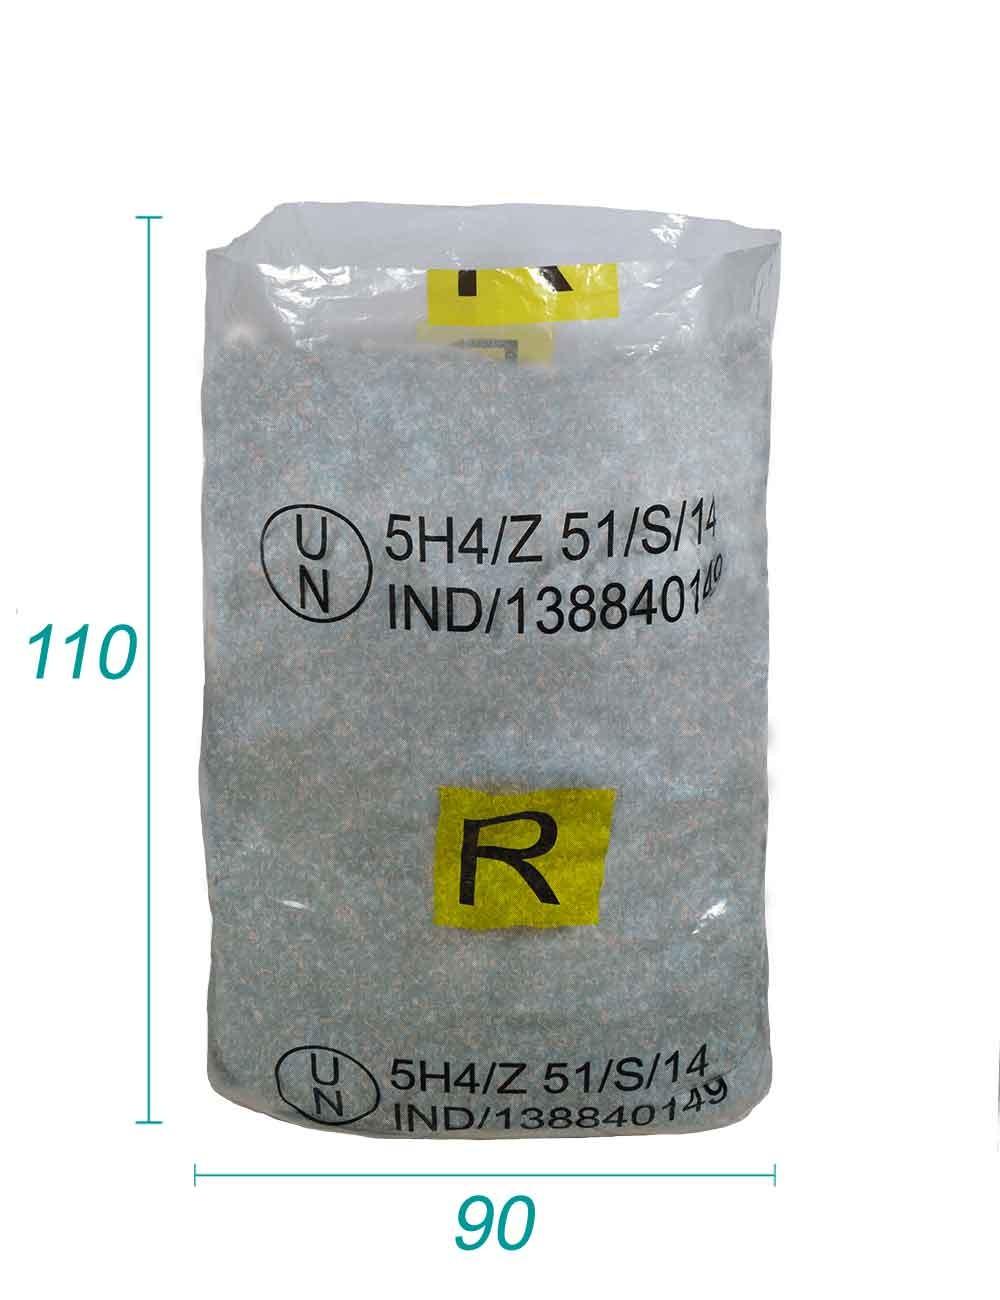 Sacs PE Plastique Réutilisable UN ADR pour Produit dangereux